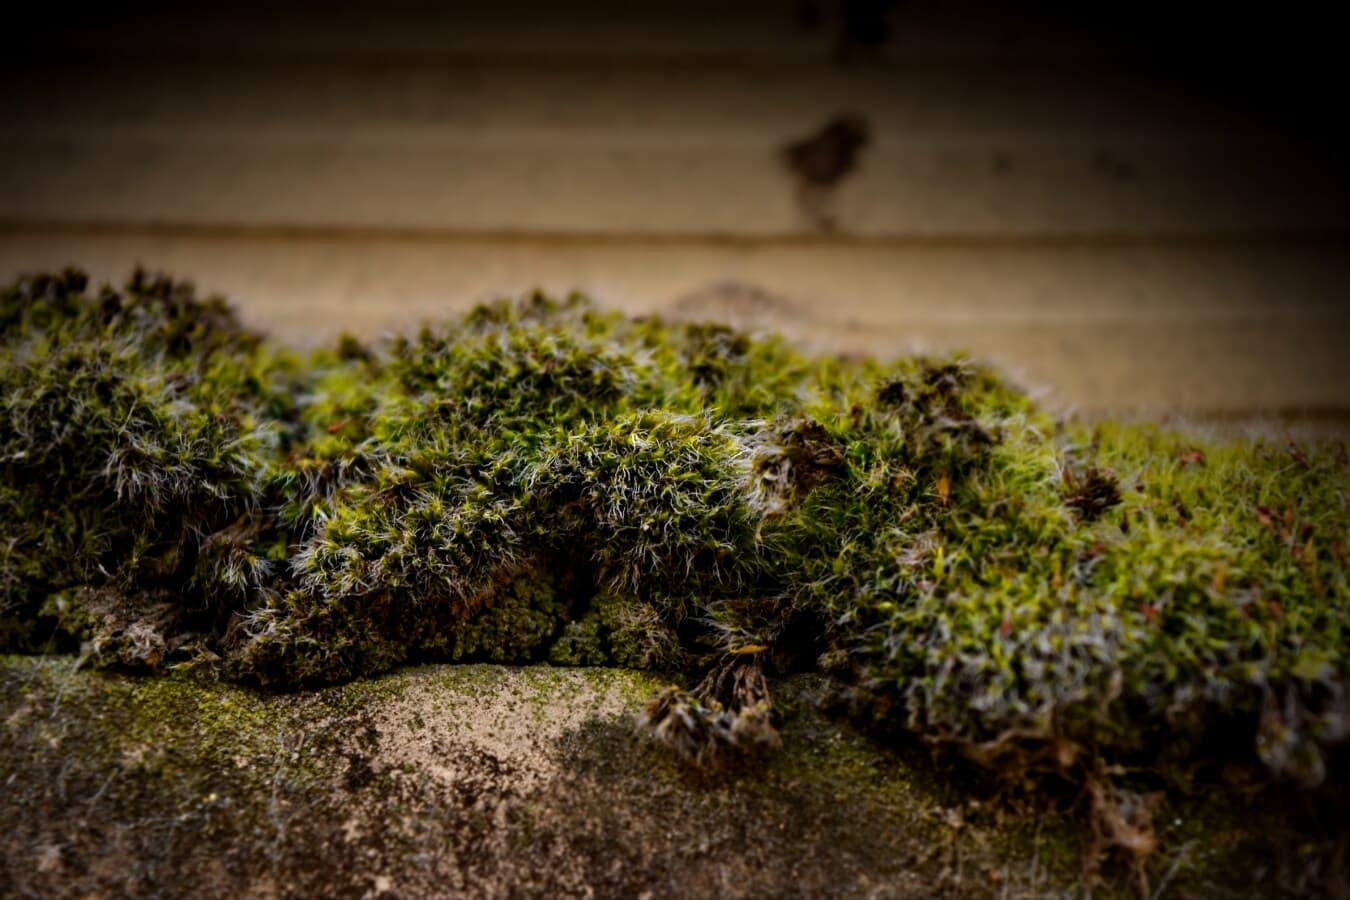 Flechten, Moos, Organismus, Leben, aus nächster Nähe, Anlage, Natur, Kraut, Flora, im freien